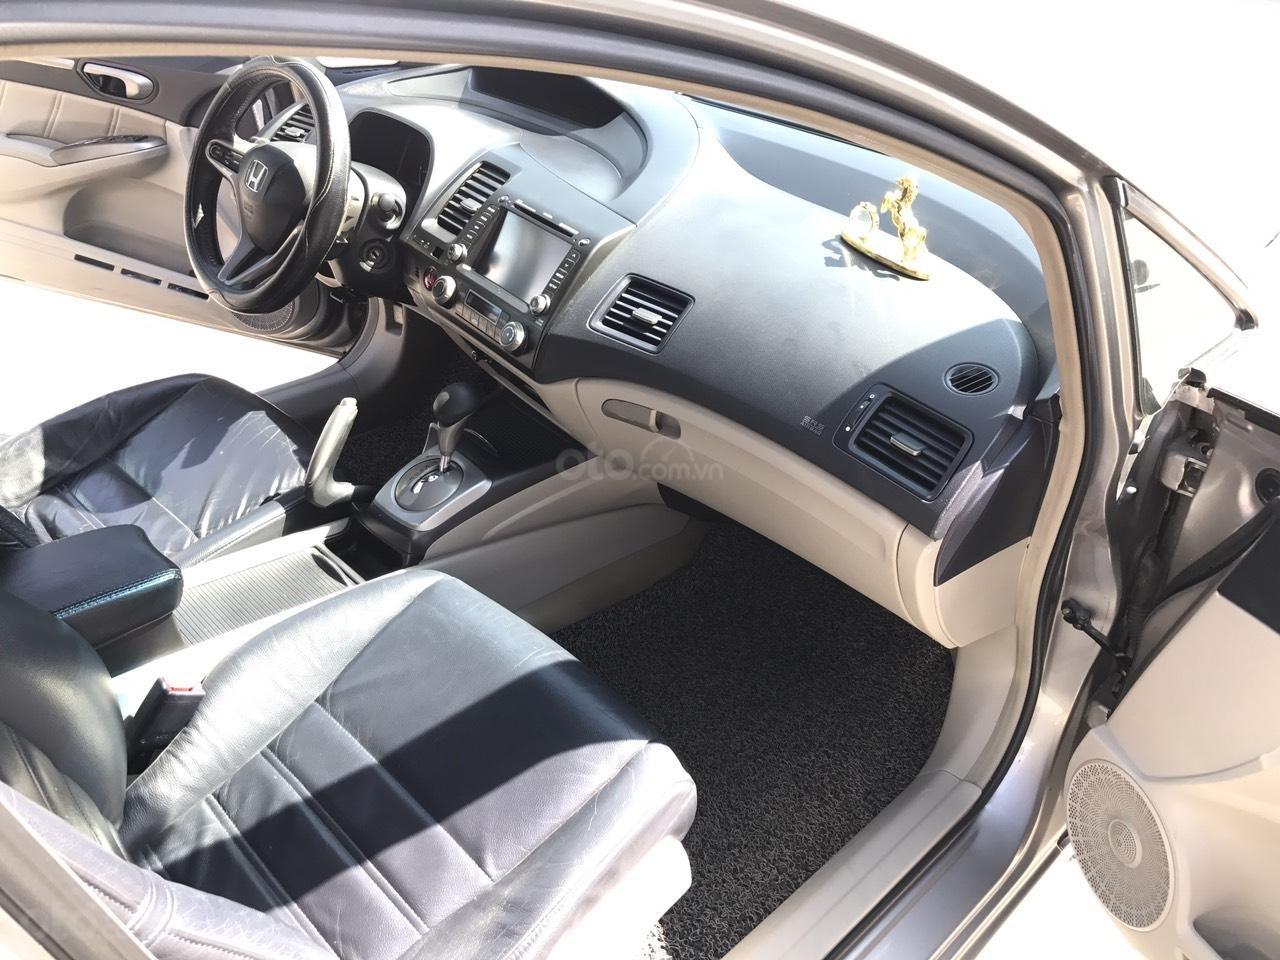 Bán xe Honda Civic 2.0AT 2008, màu xám (ghi), full đồ chơi 30 triệu, công nhận mới (7)